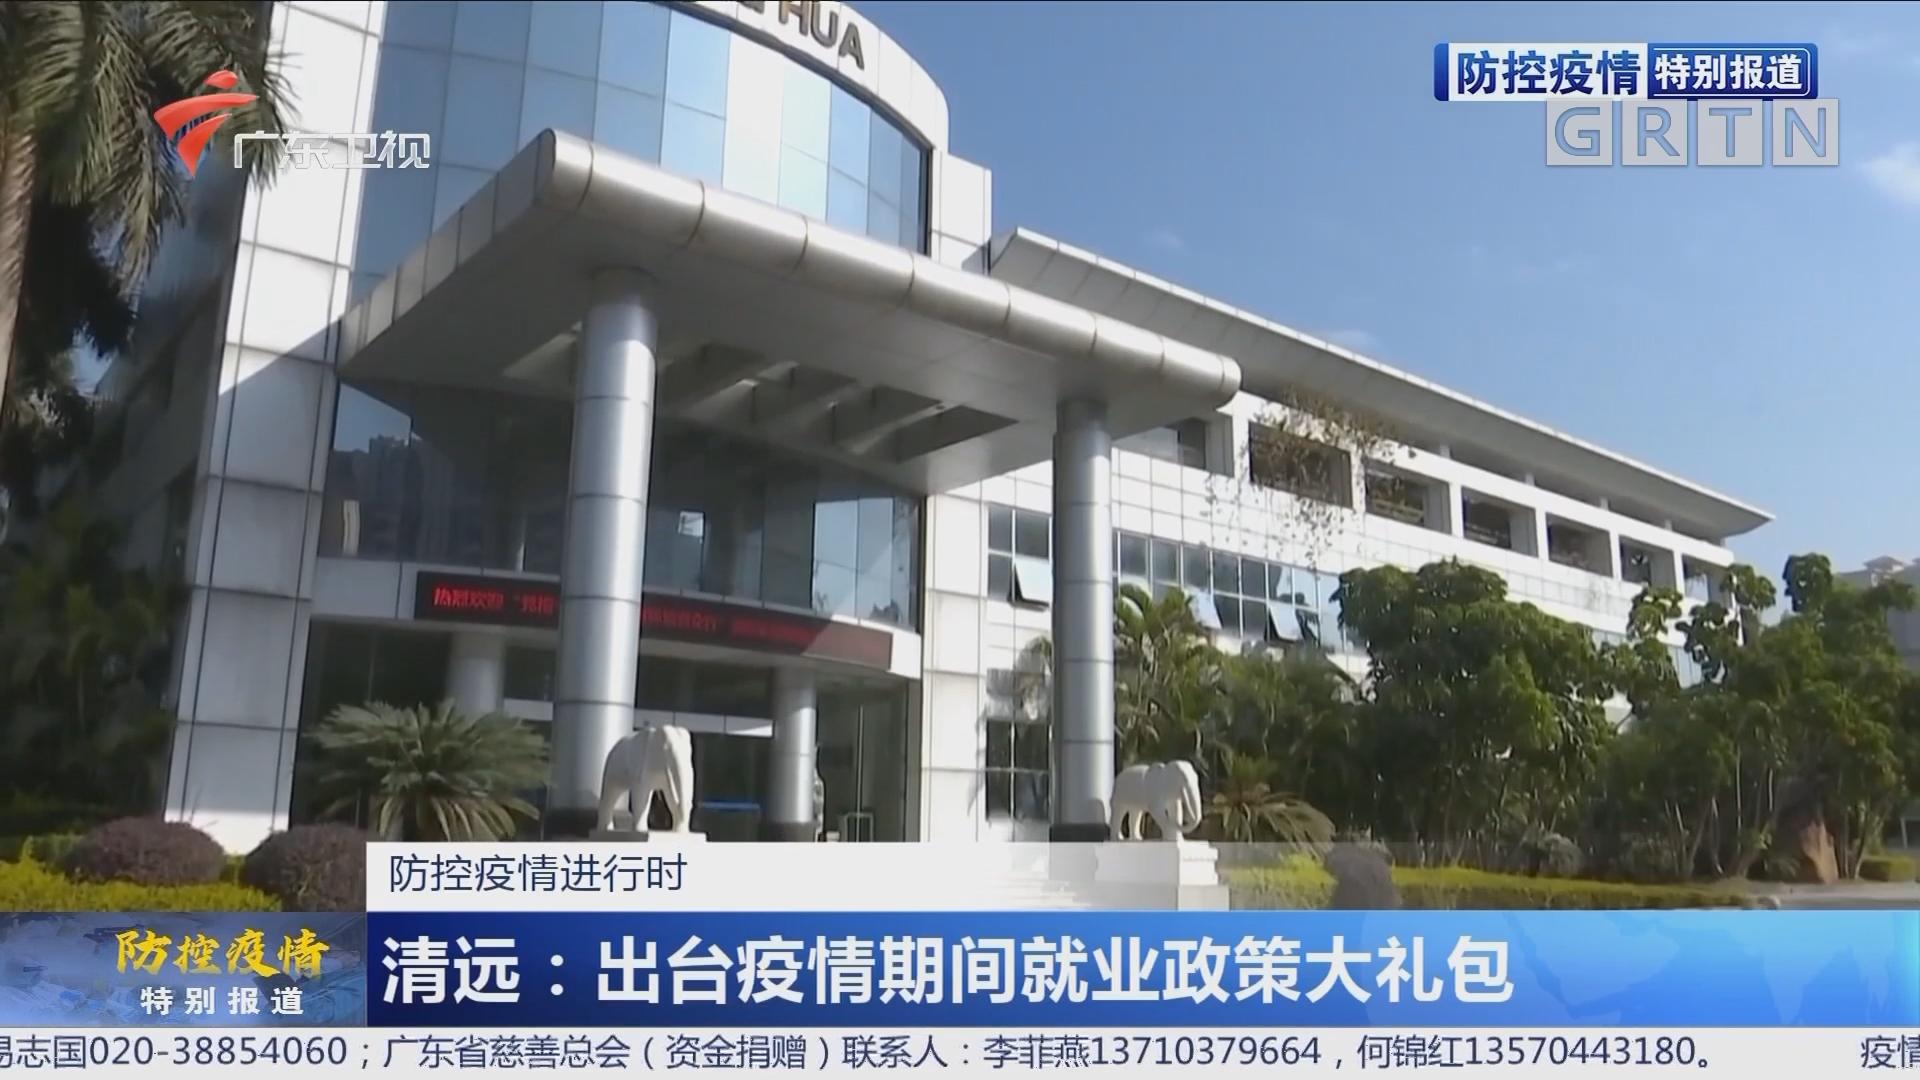 广东各地支持企业脱困发展 协力应对疫情挑战